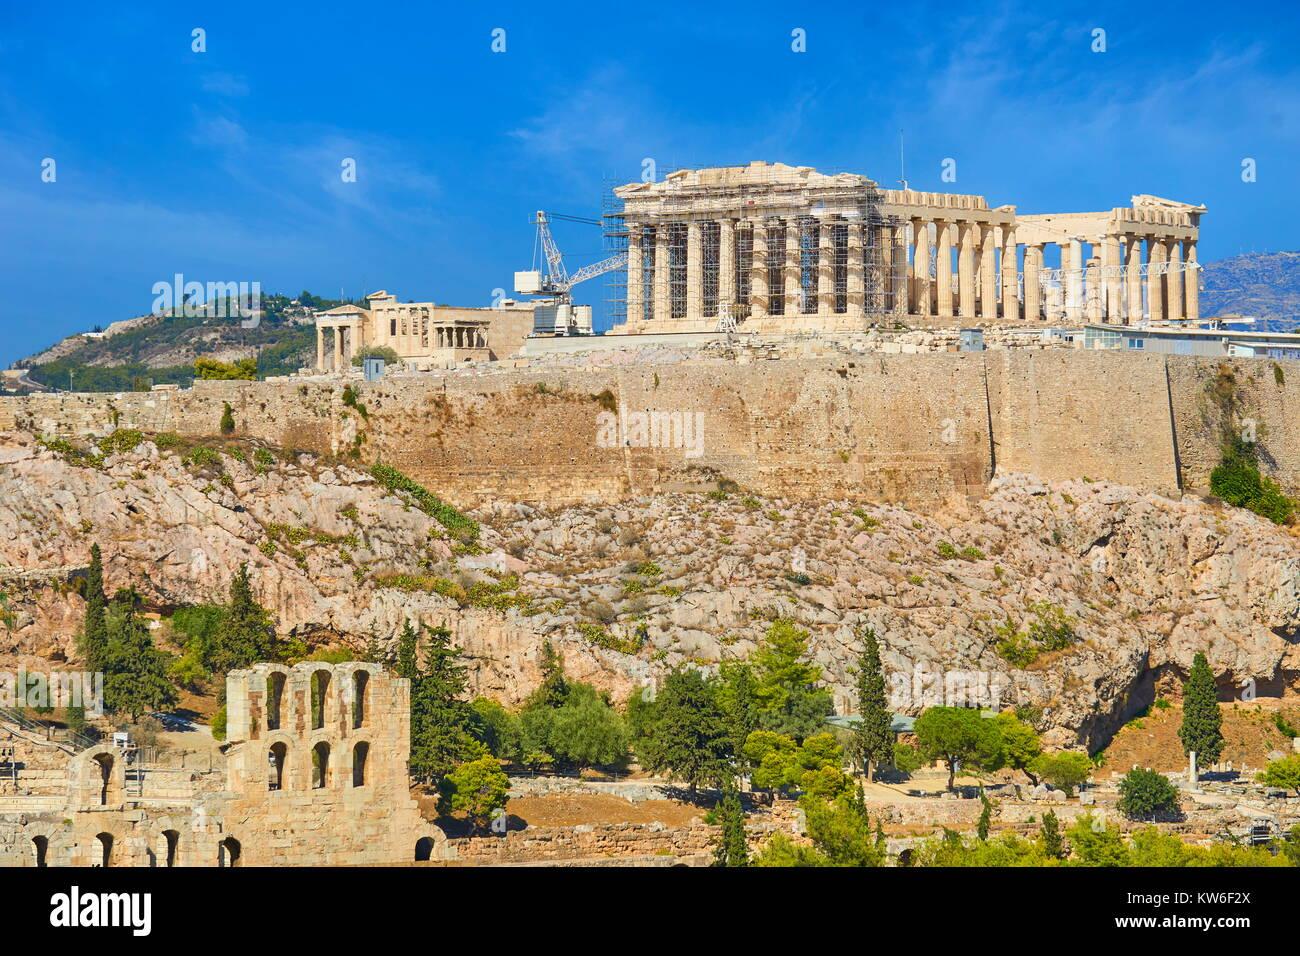 View at Parthenon, Acropolis, Athens, Greece - Stock Image